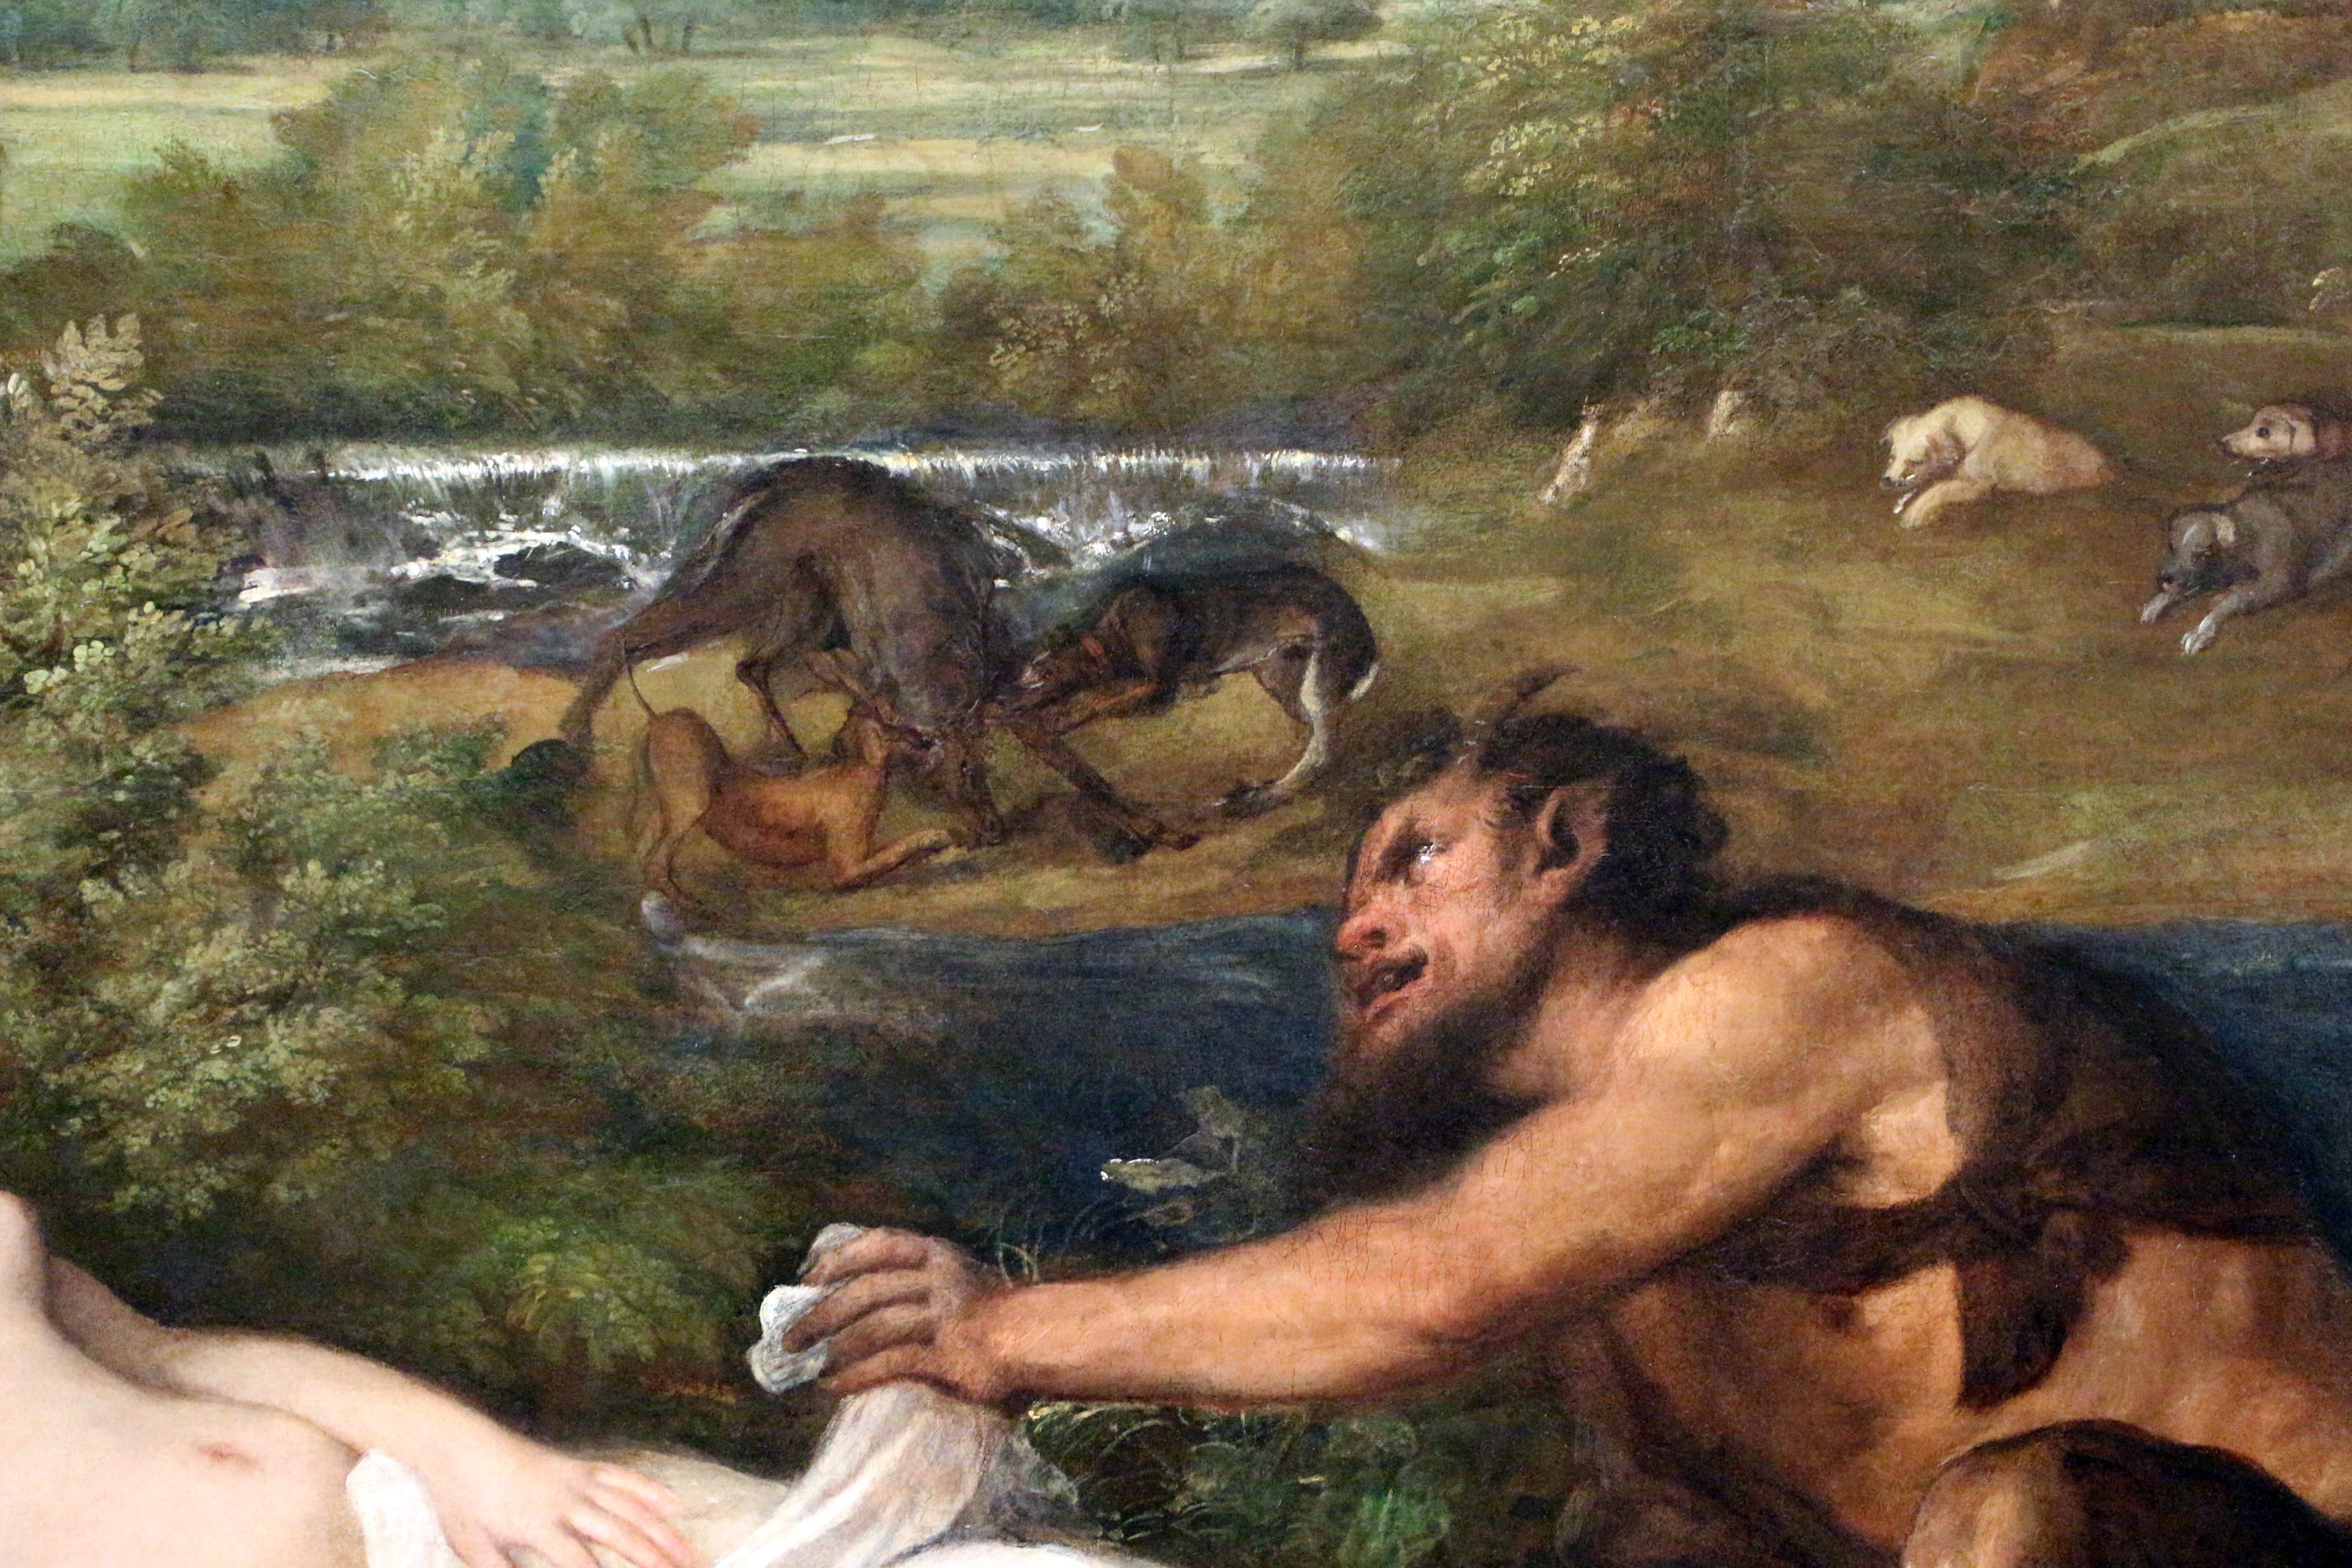 Filetiziano E Bottega Giove E Antiope Detto La Venere Del Pardo